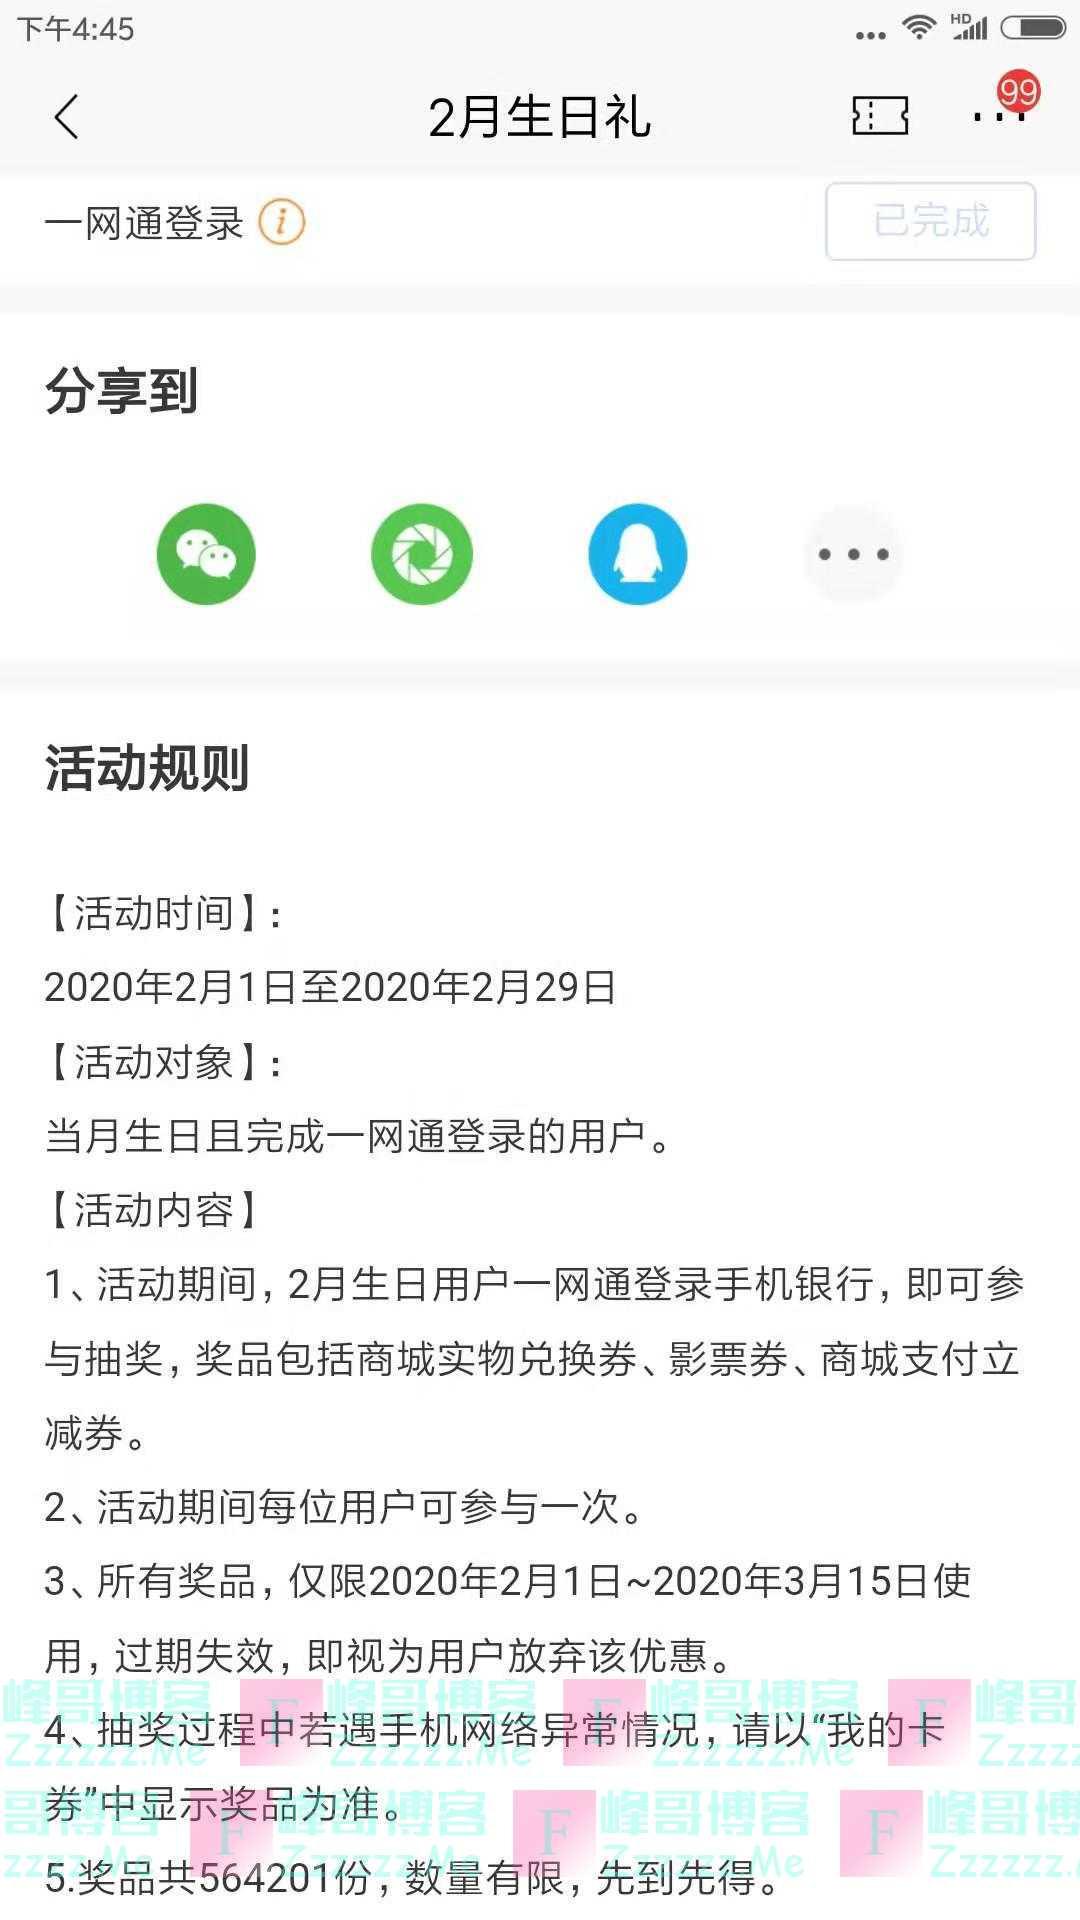 招行2月生日礼(截止2月29日)